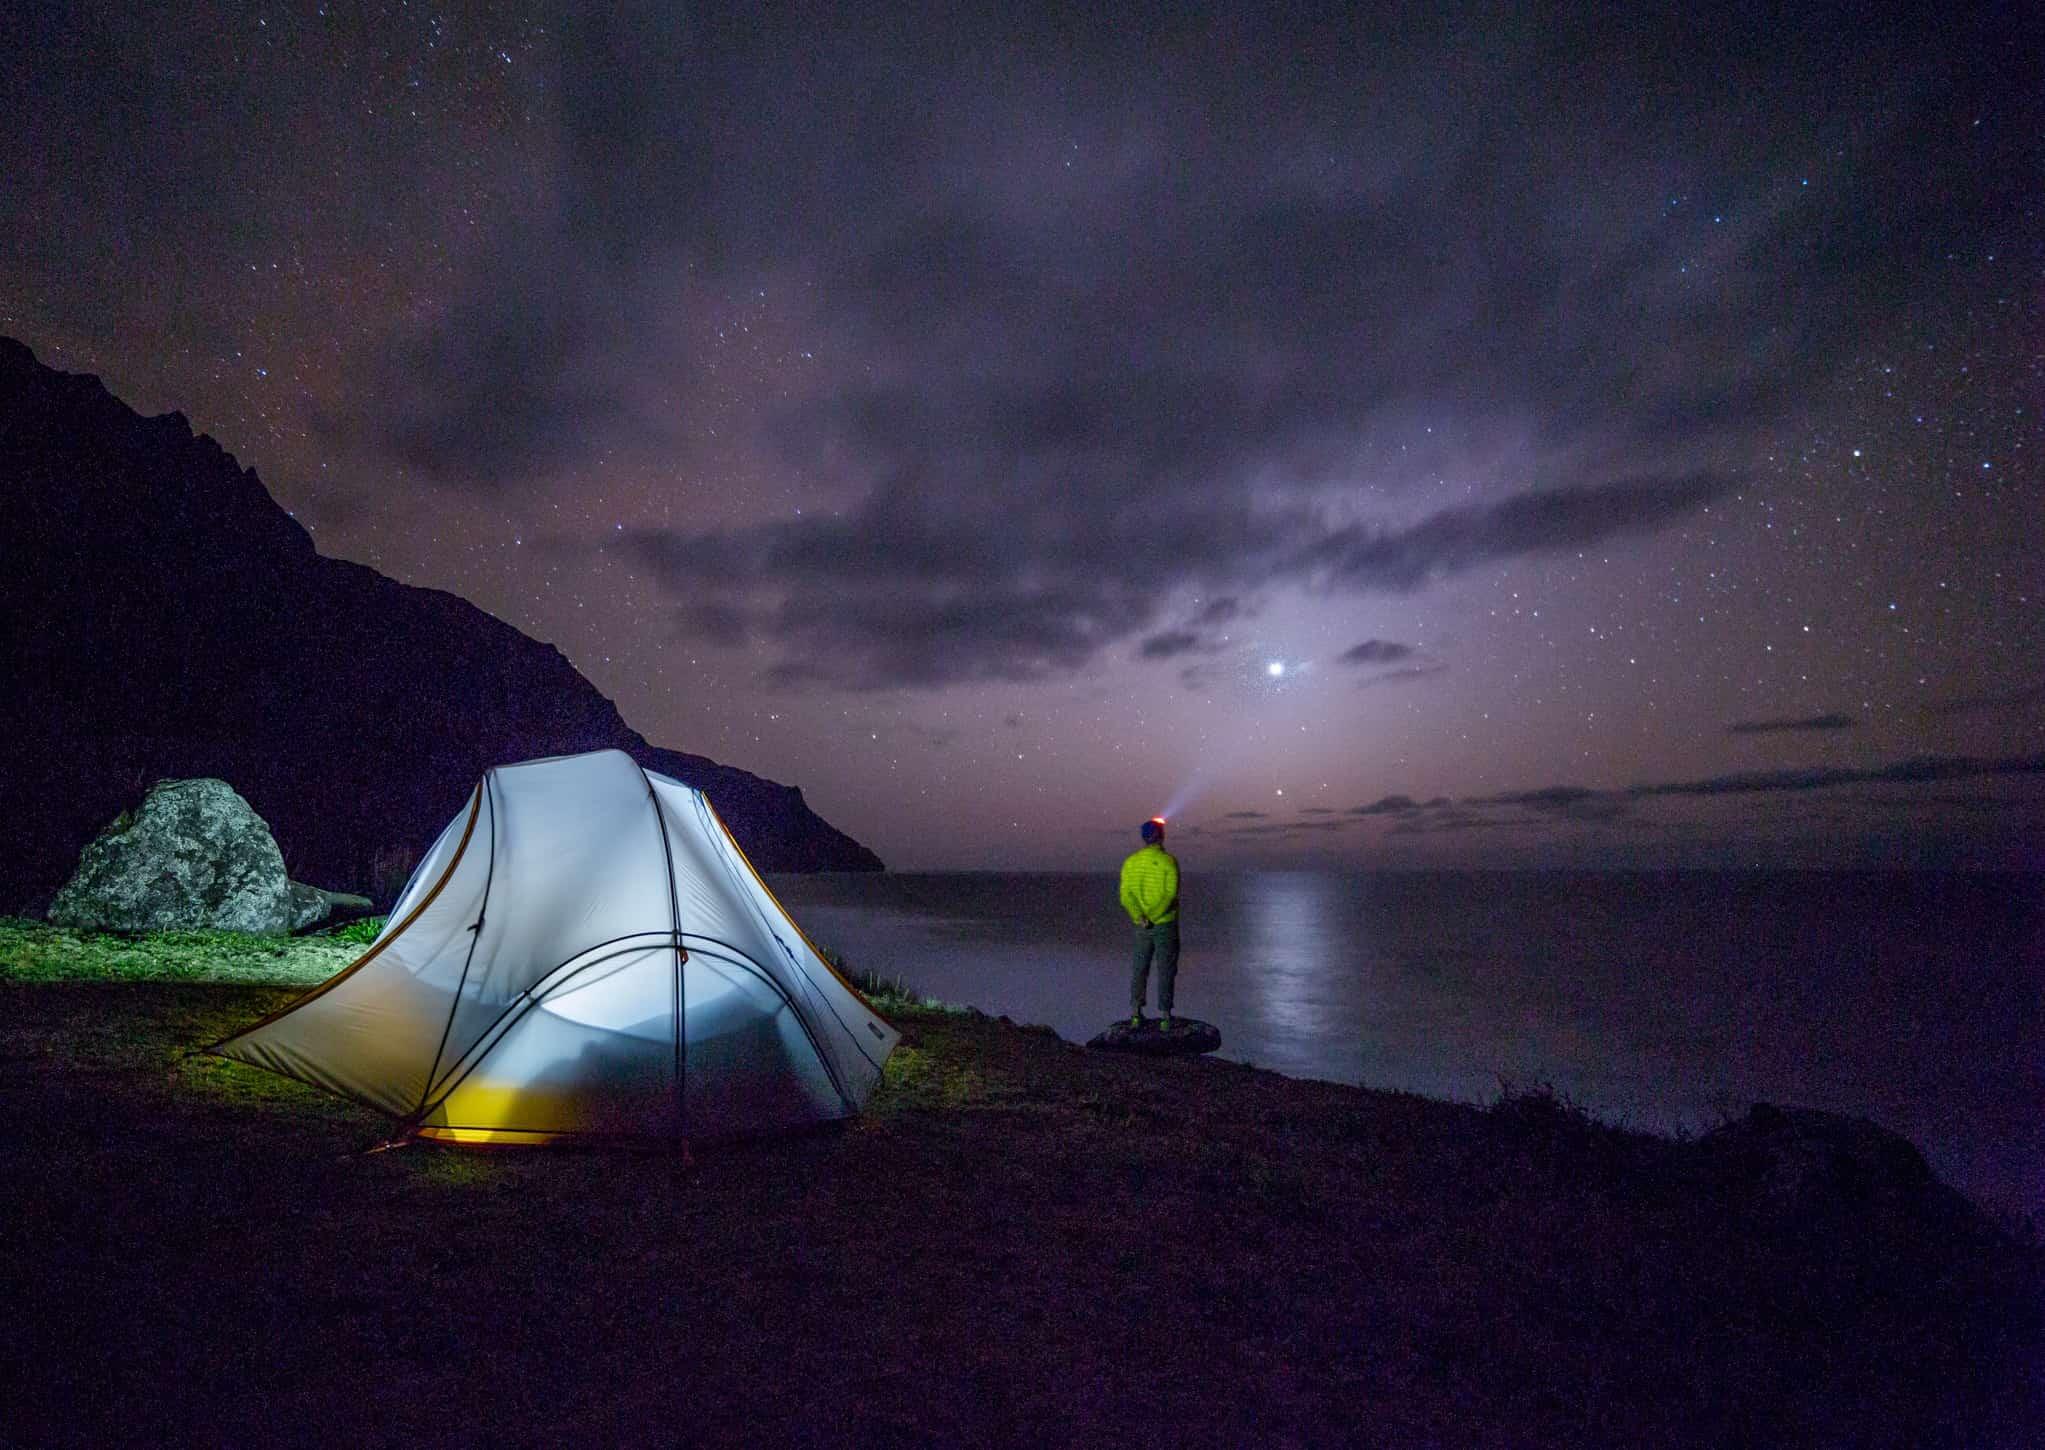 キャンプをして星を眺める男性